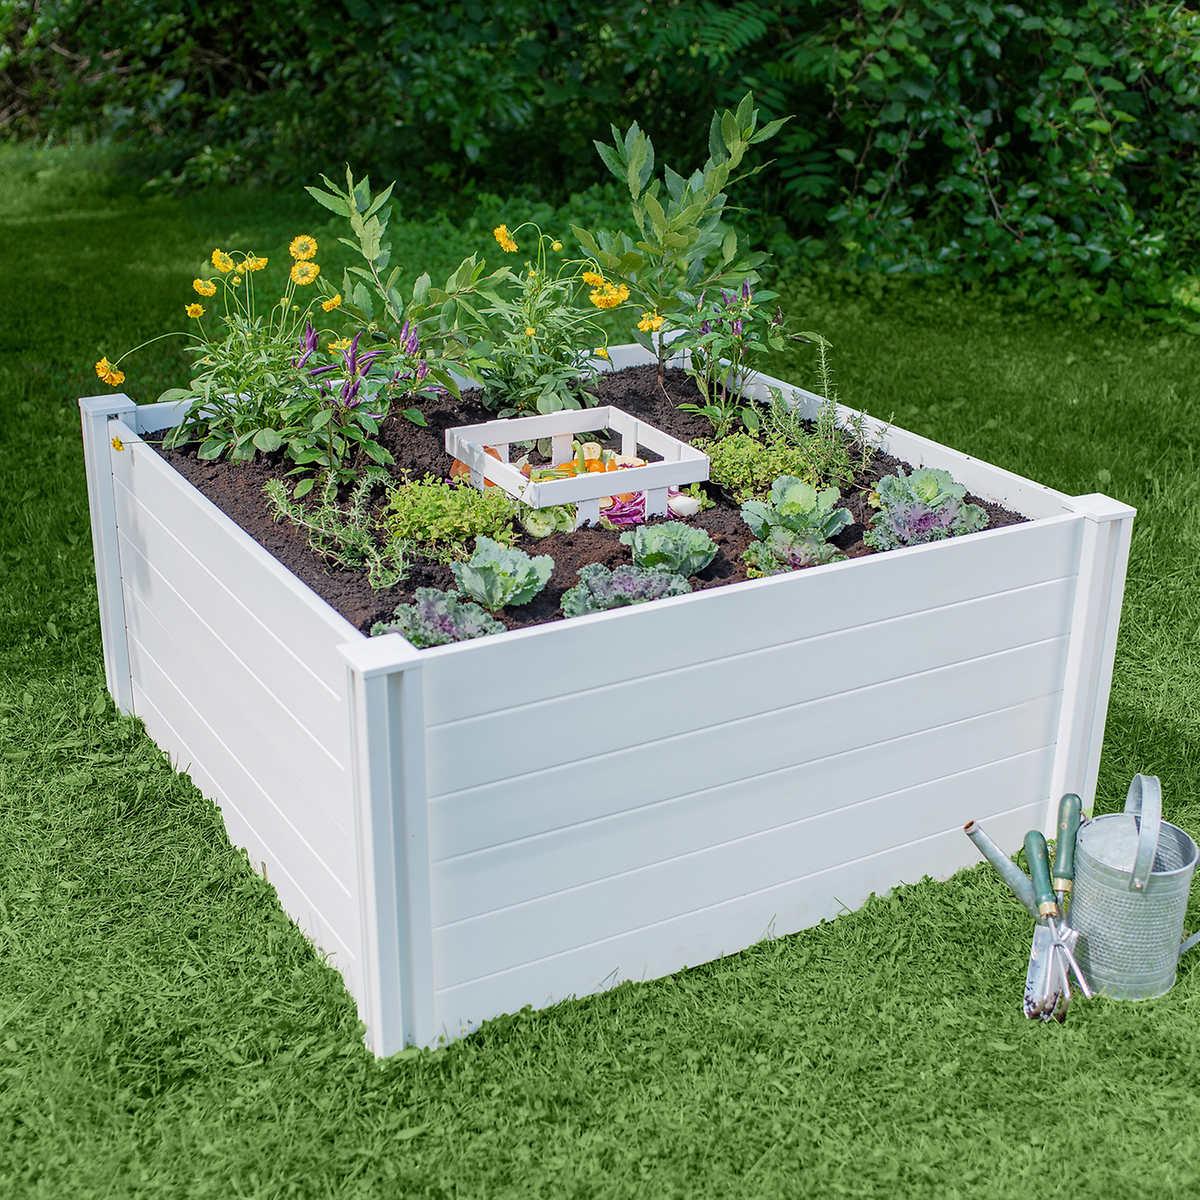 4 ft. x 4 ft. Composting Keyhole Garden Bed